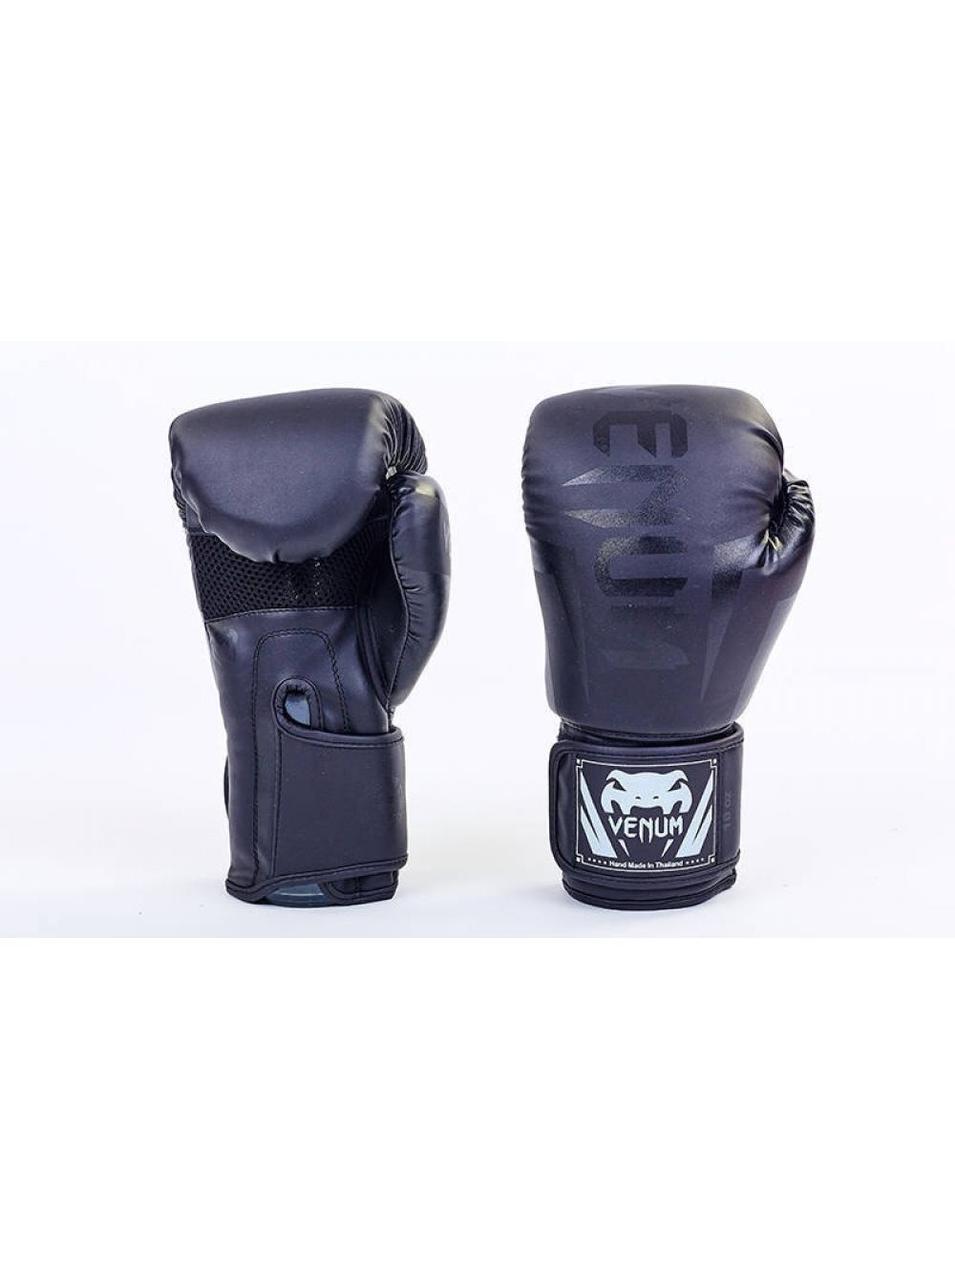 Боксерские перчатки  PU в стиле VENUM BO-5698-BK- размер 12 унц.